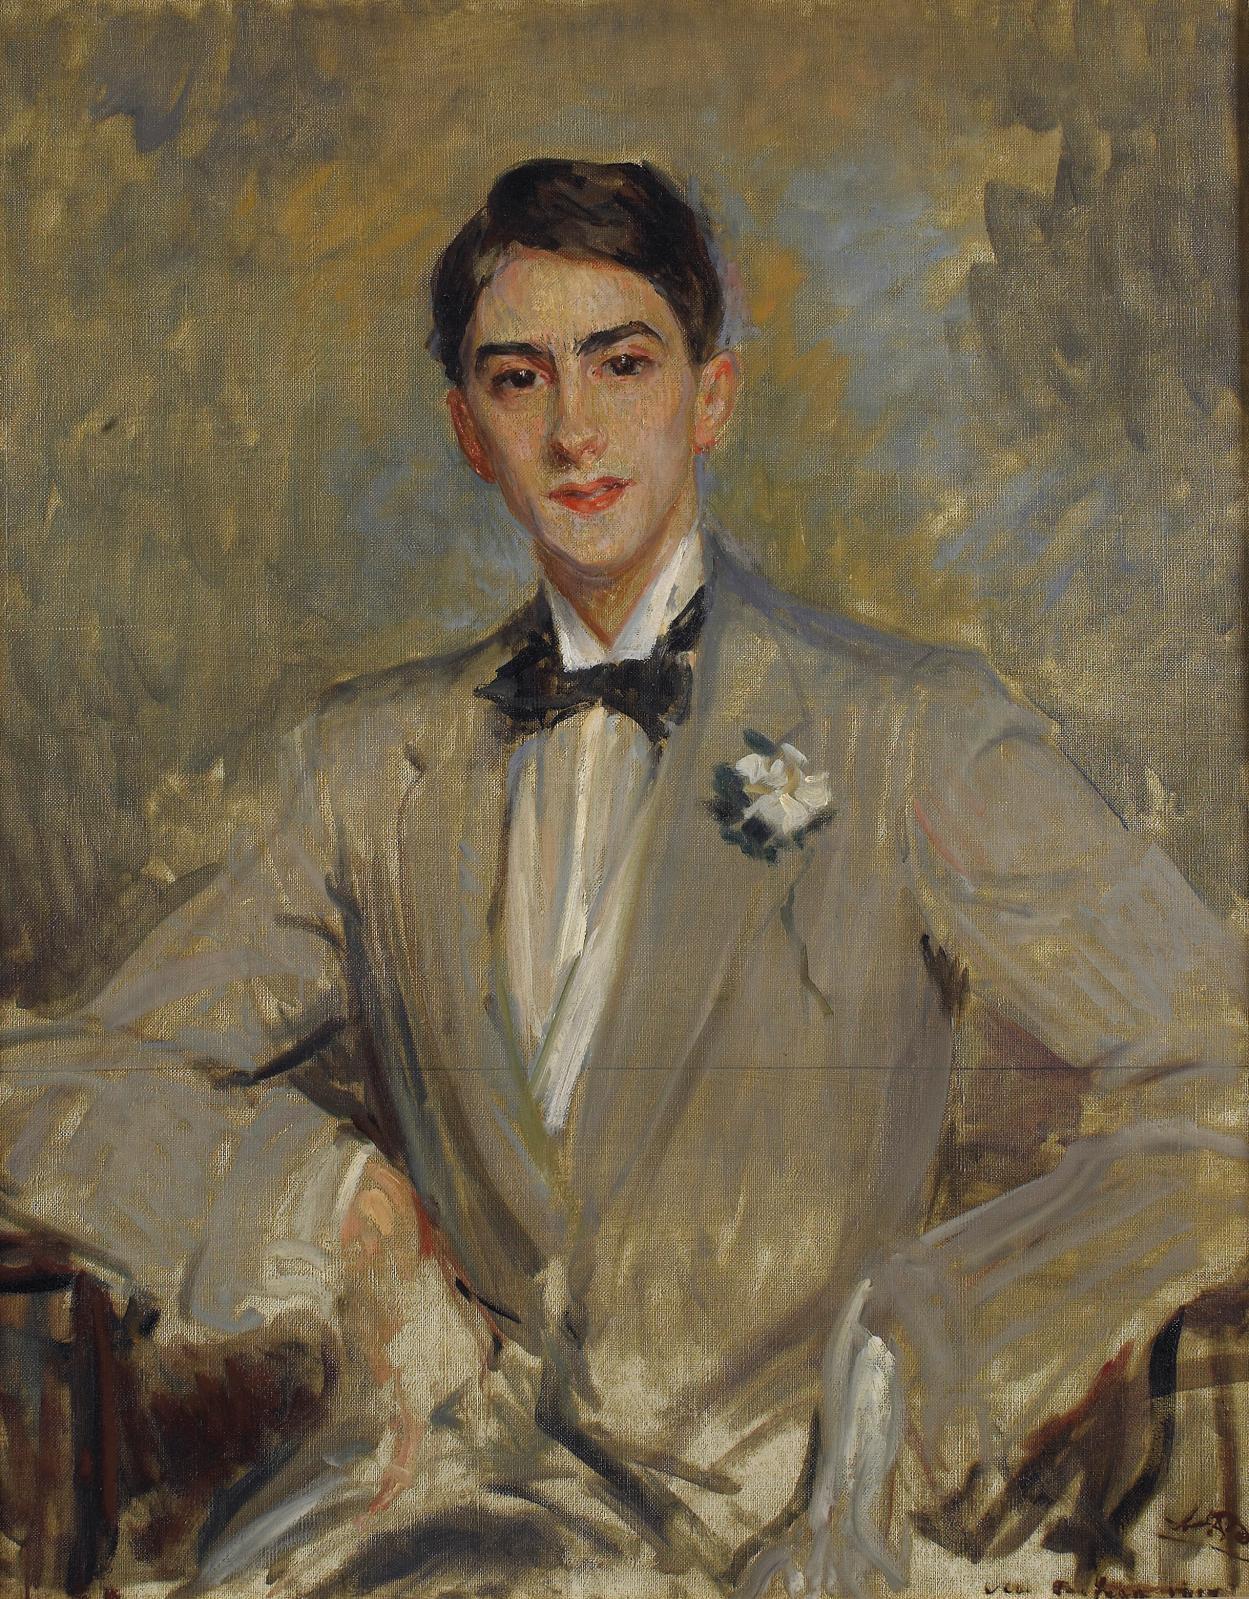 Jacques-Émile Blanche, Étude pour un portrait de Jean Cocteau, 1912, huile sur toile, 92x72,5cm. ©Réunion des Musées métropolitains de